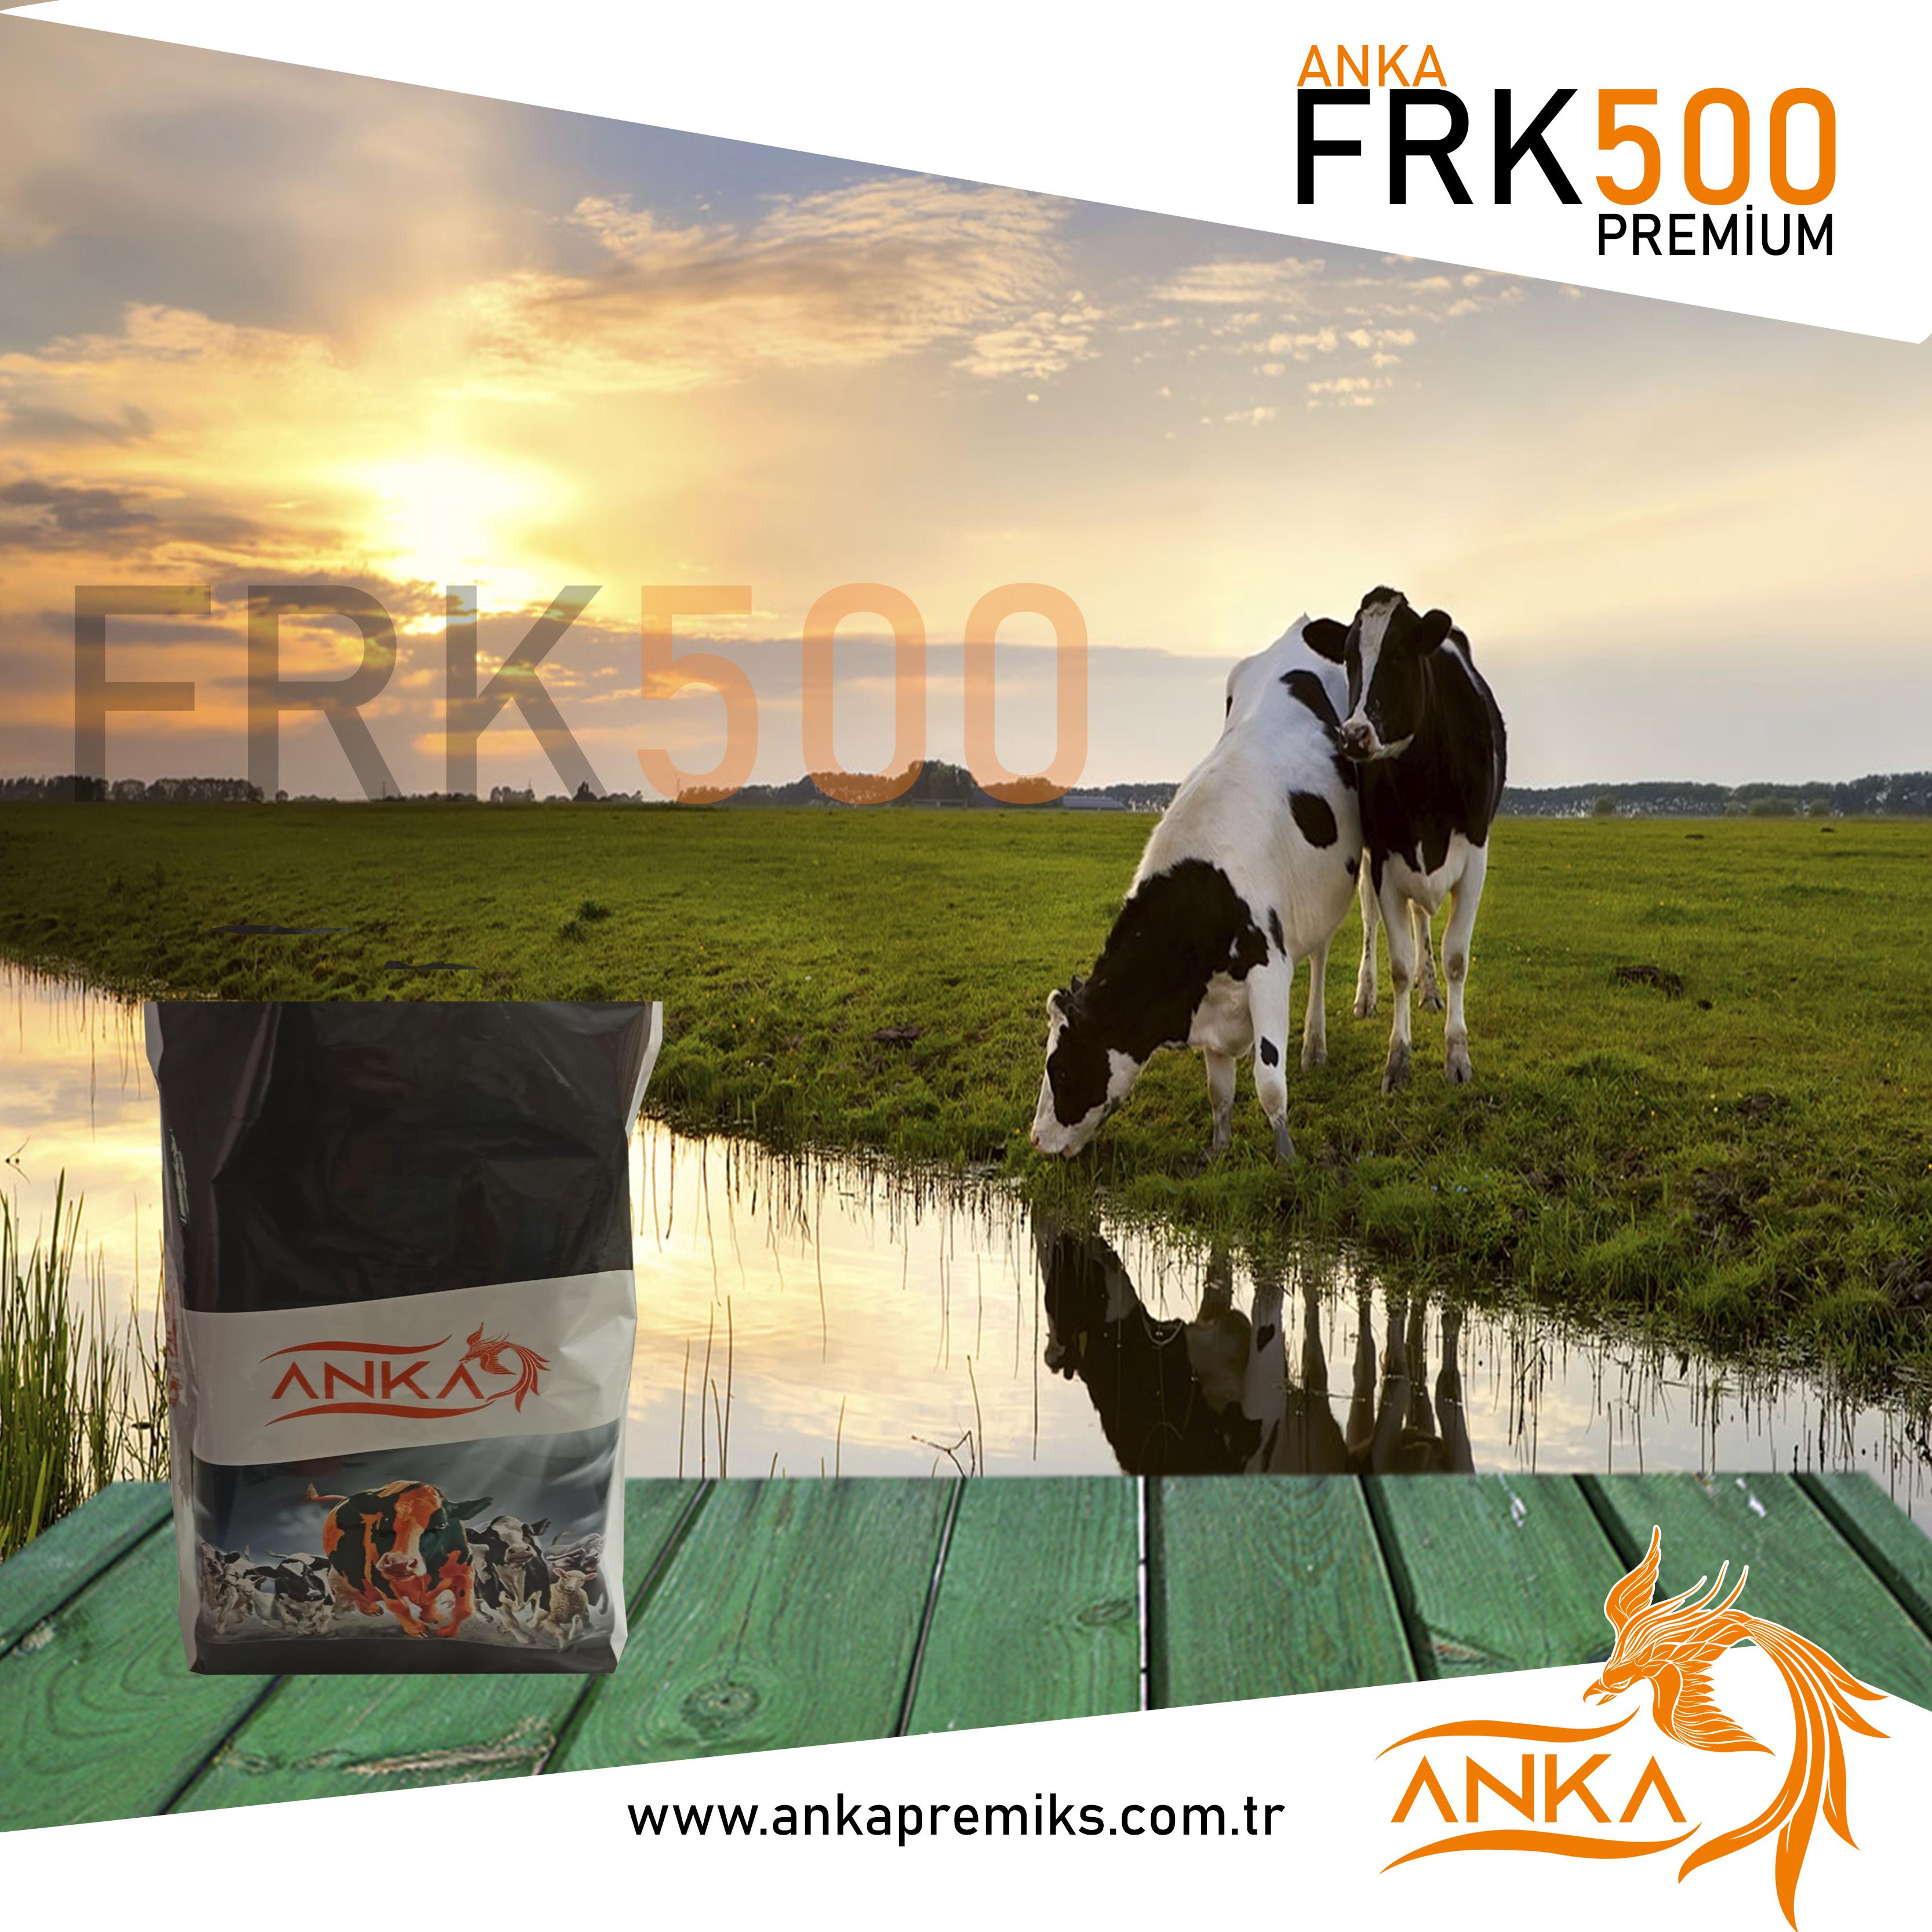 FRK500